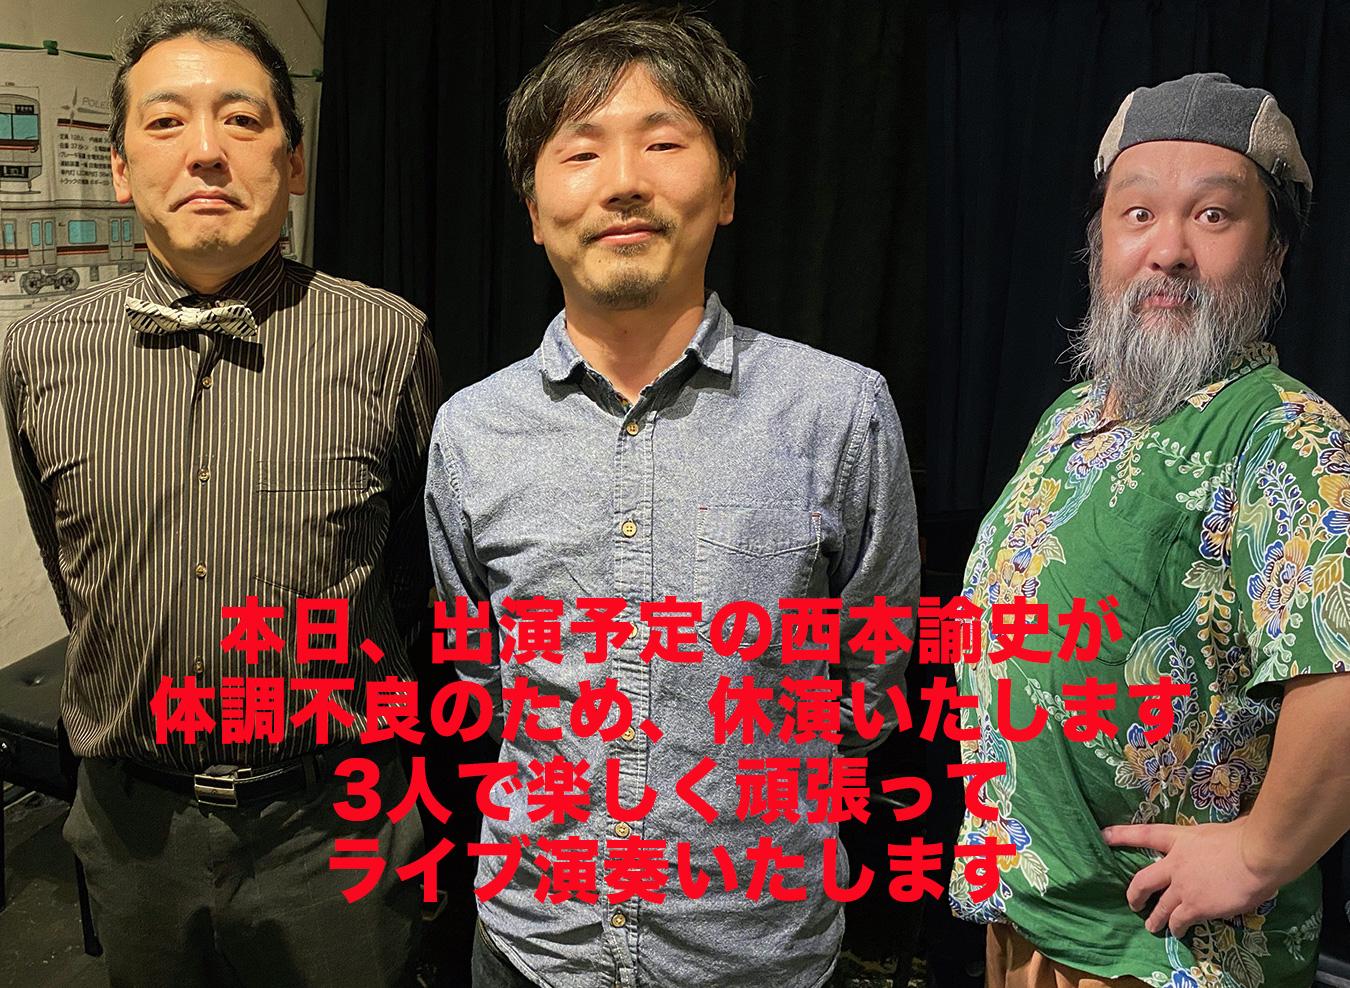 8/31ライブ 出演者、西本諭史さんの急遽、体調不良のため、休演いたします。これによりライブ内容を変更いたします